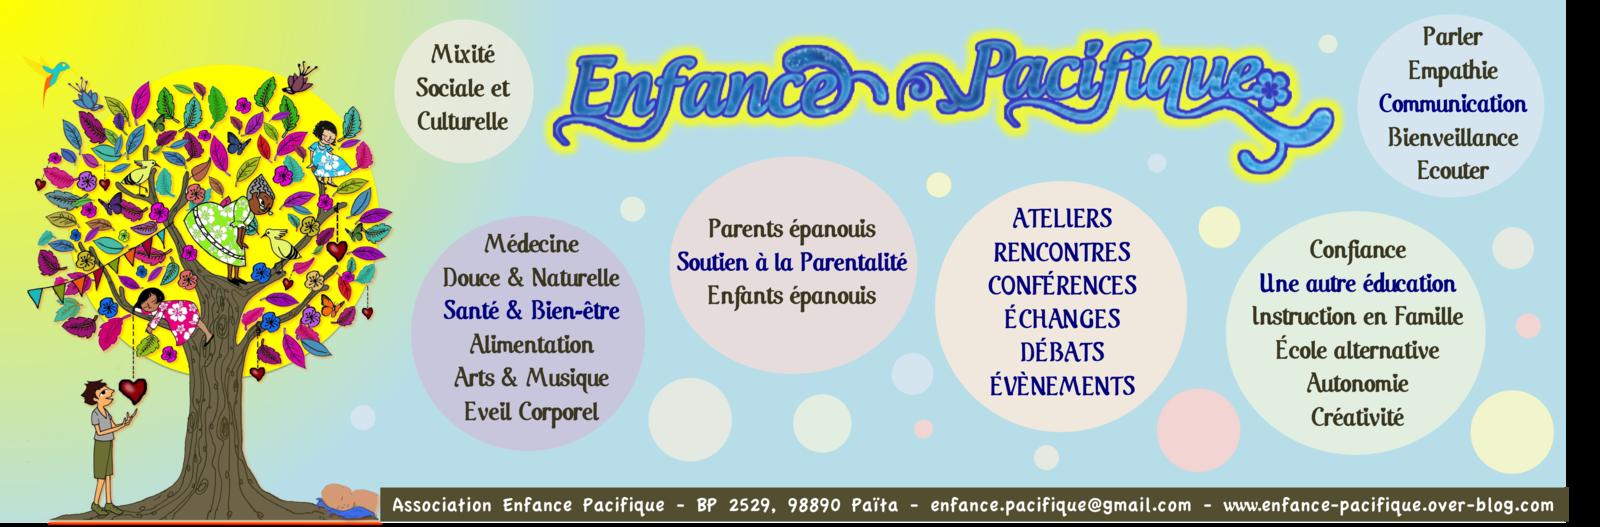 Association Enfance Pacifique